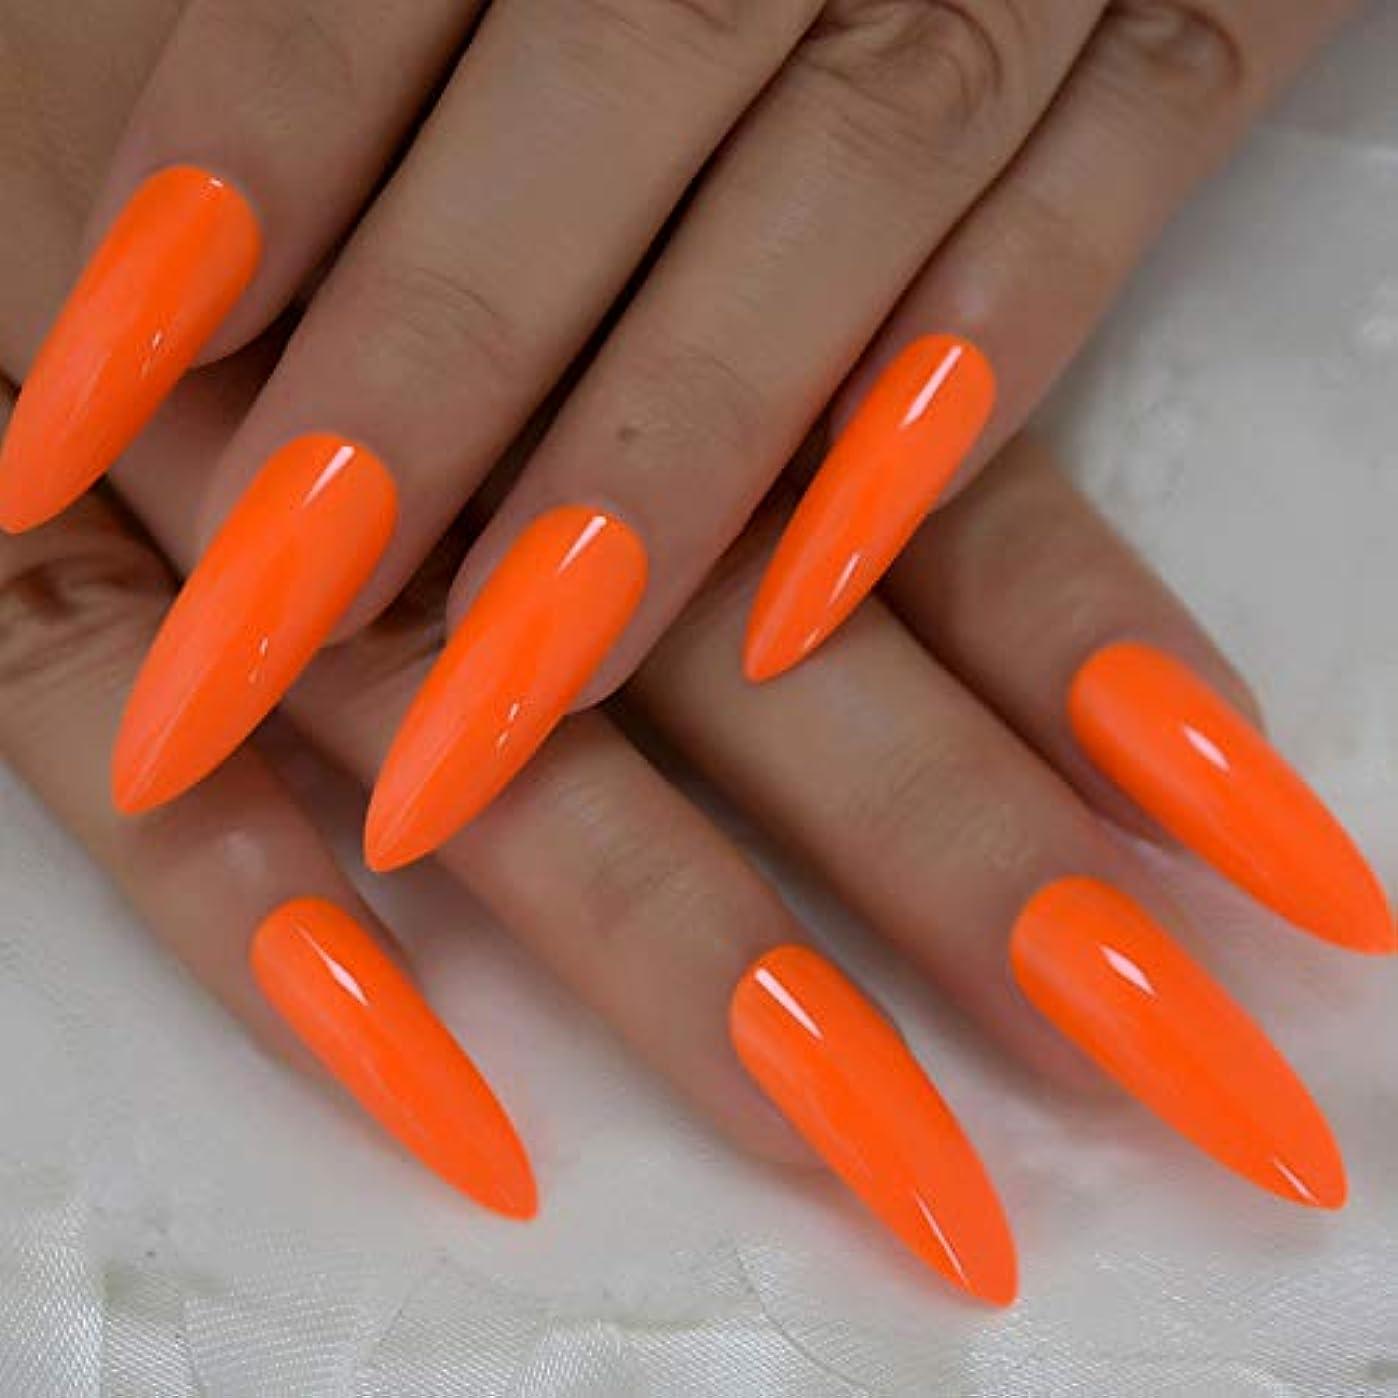 海峡ひも部誰もXUTXZKA 偽の爪爪のデコレーションマニキュアのヒントの非常に長いオレンジ色の光沢のあるプレス爪24